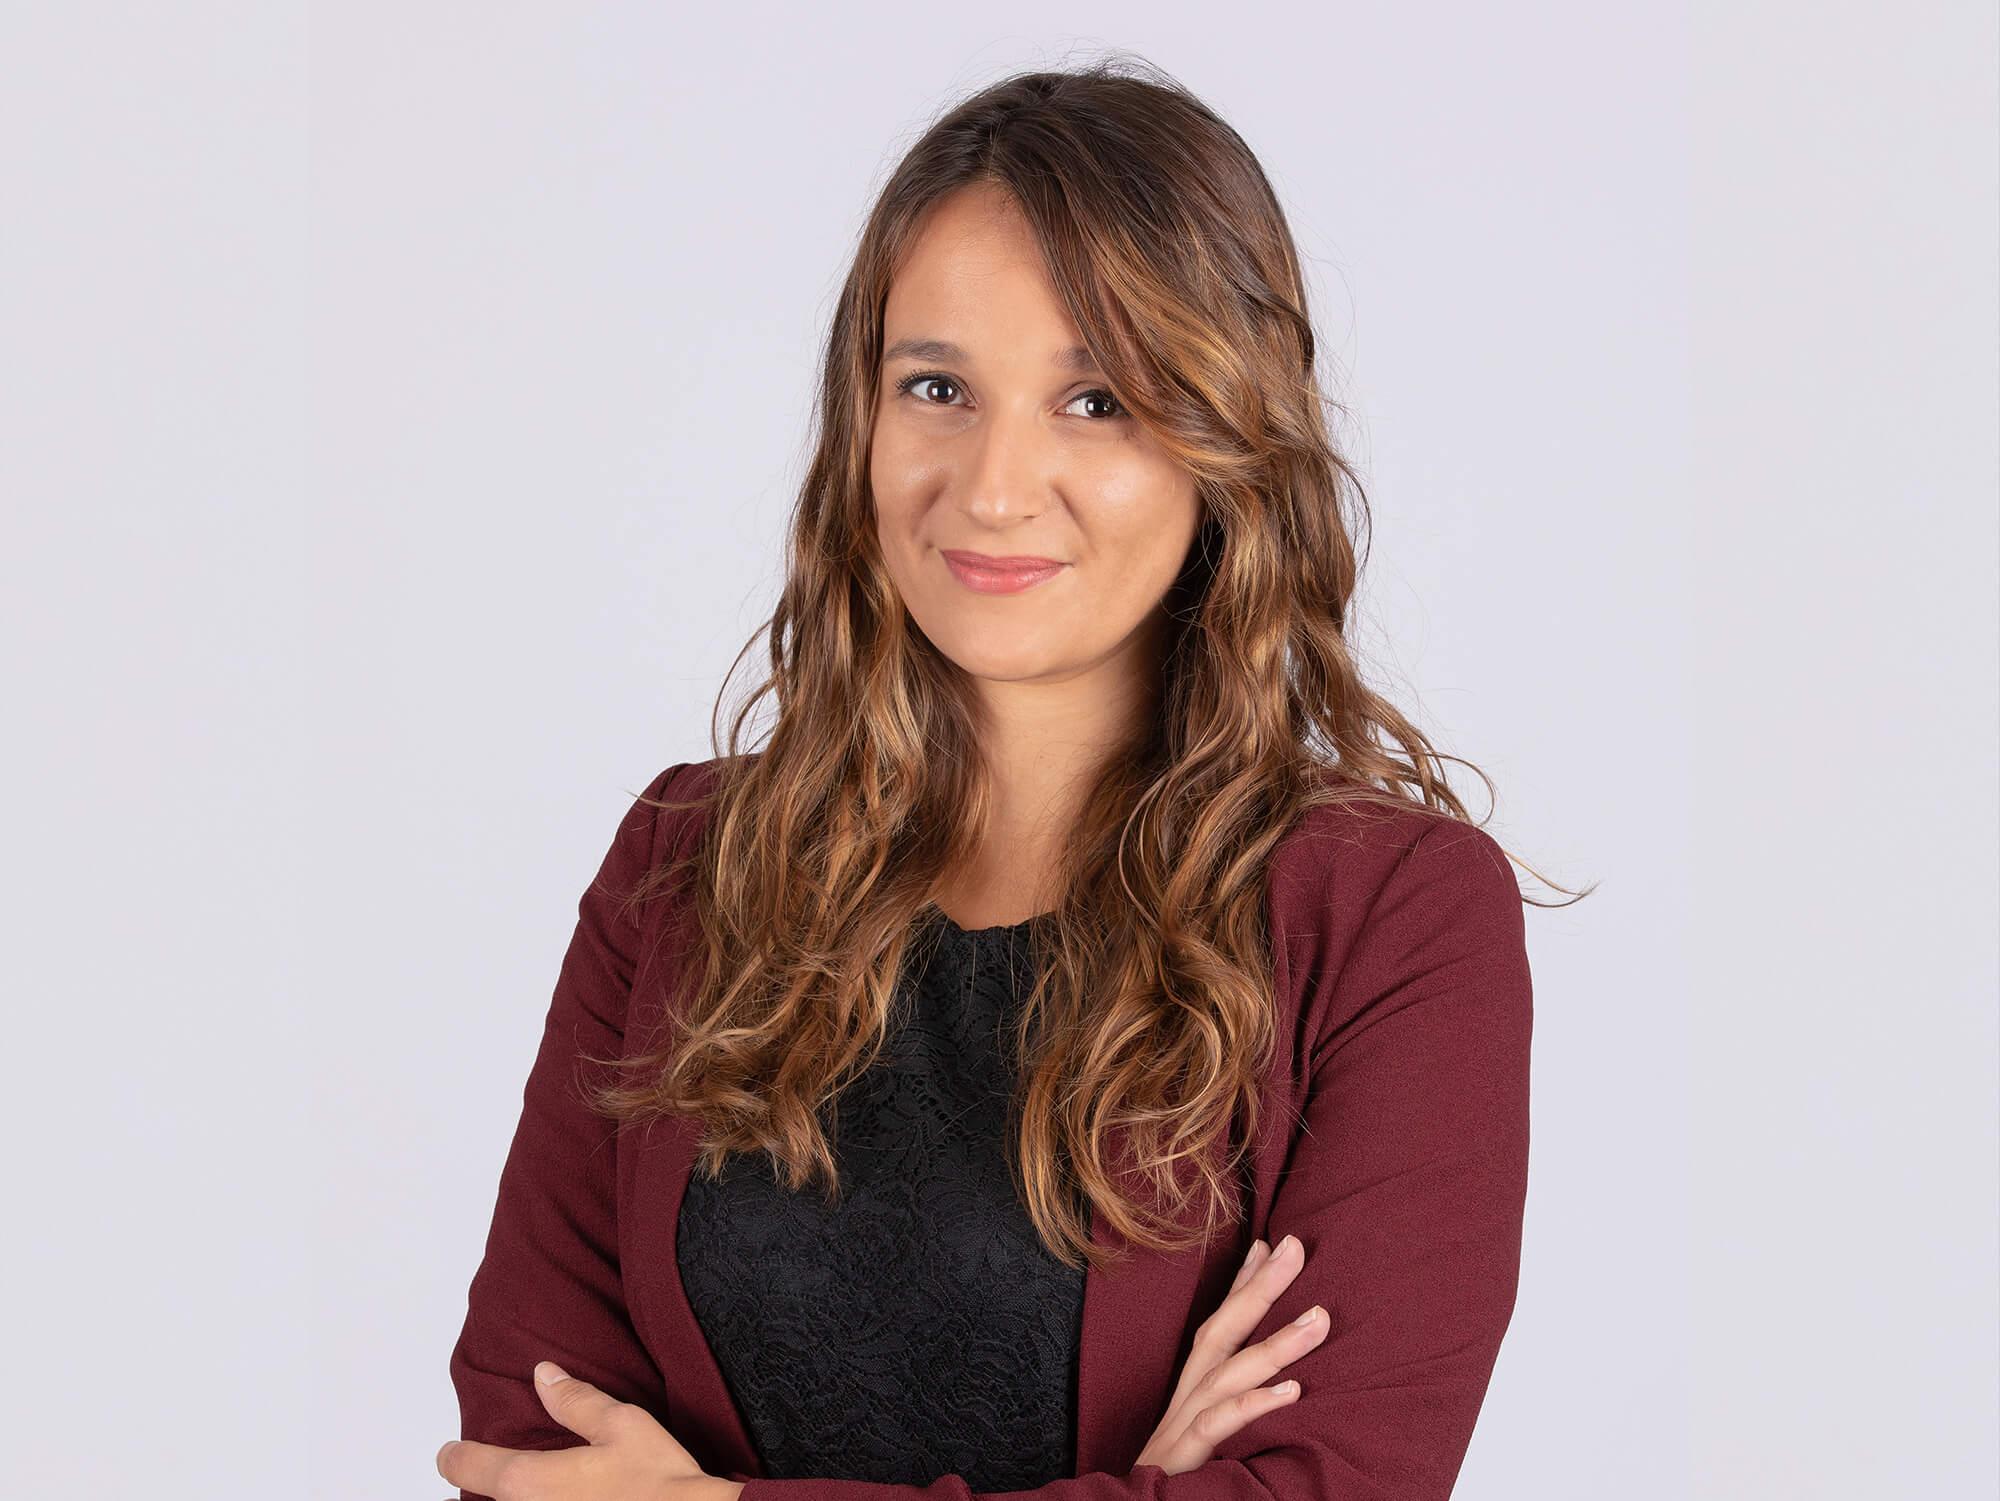 Hellio talent Myriam Ourahmoun